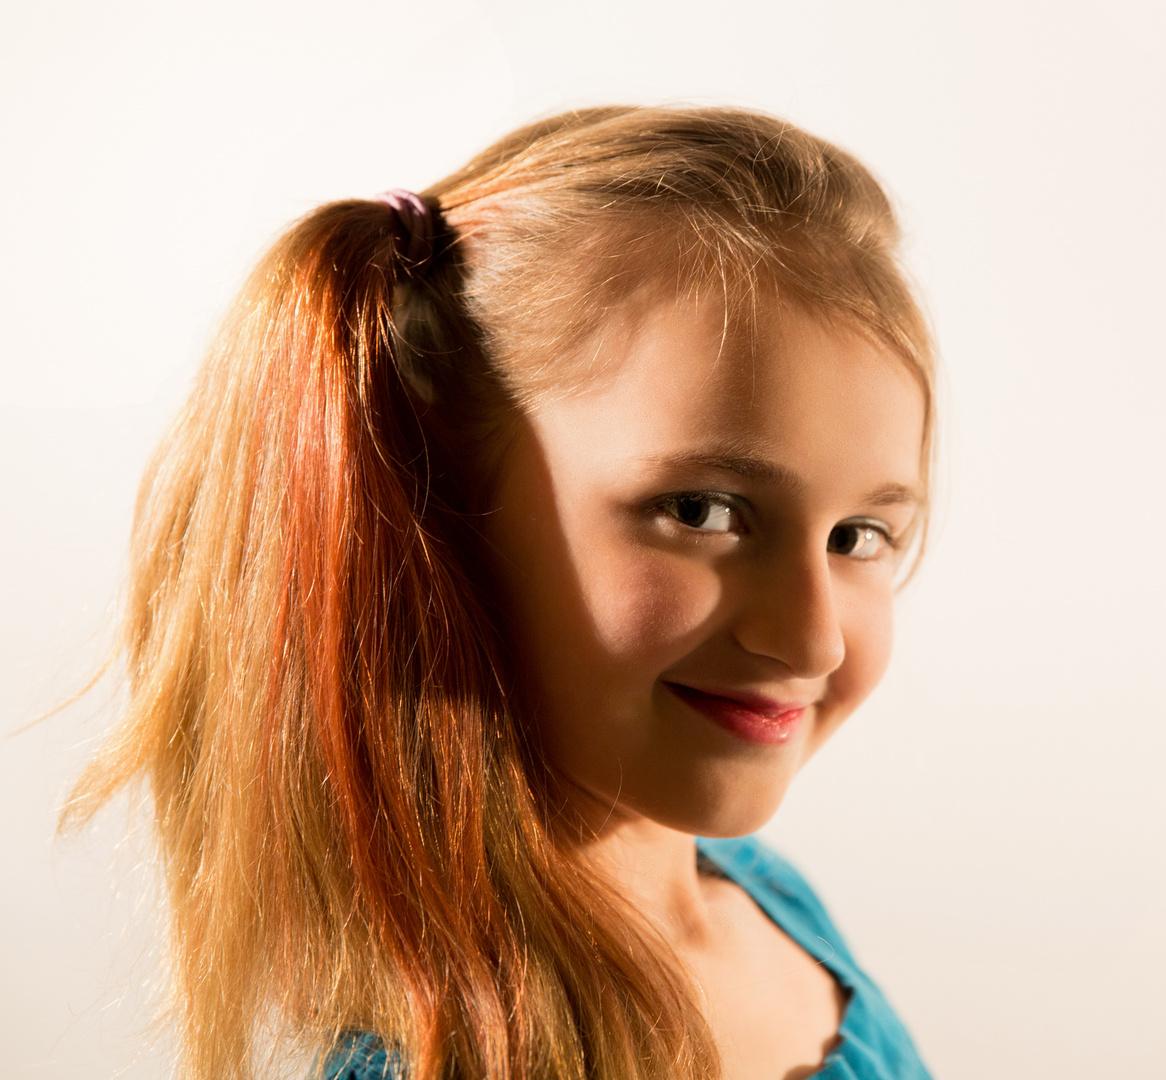 Meine ersten Portraits